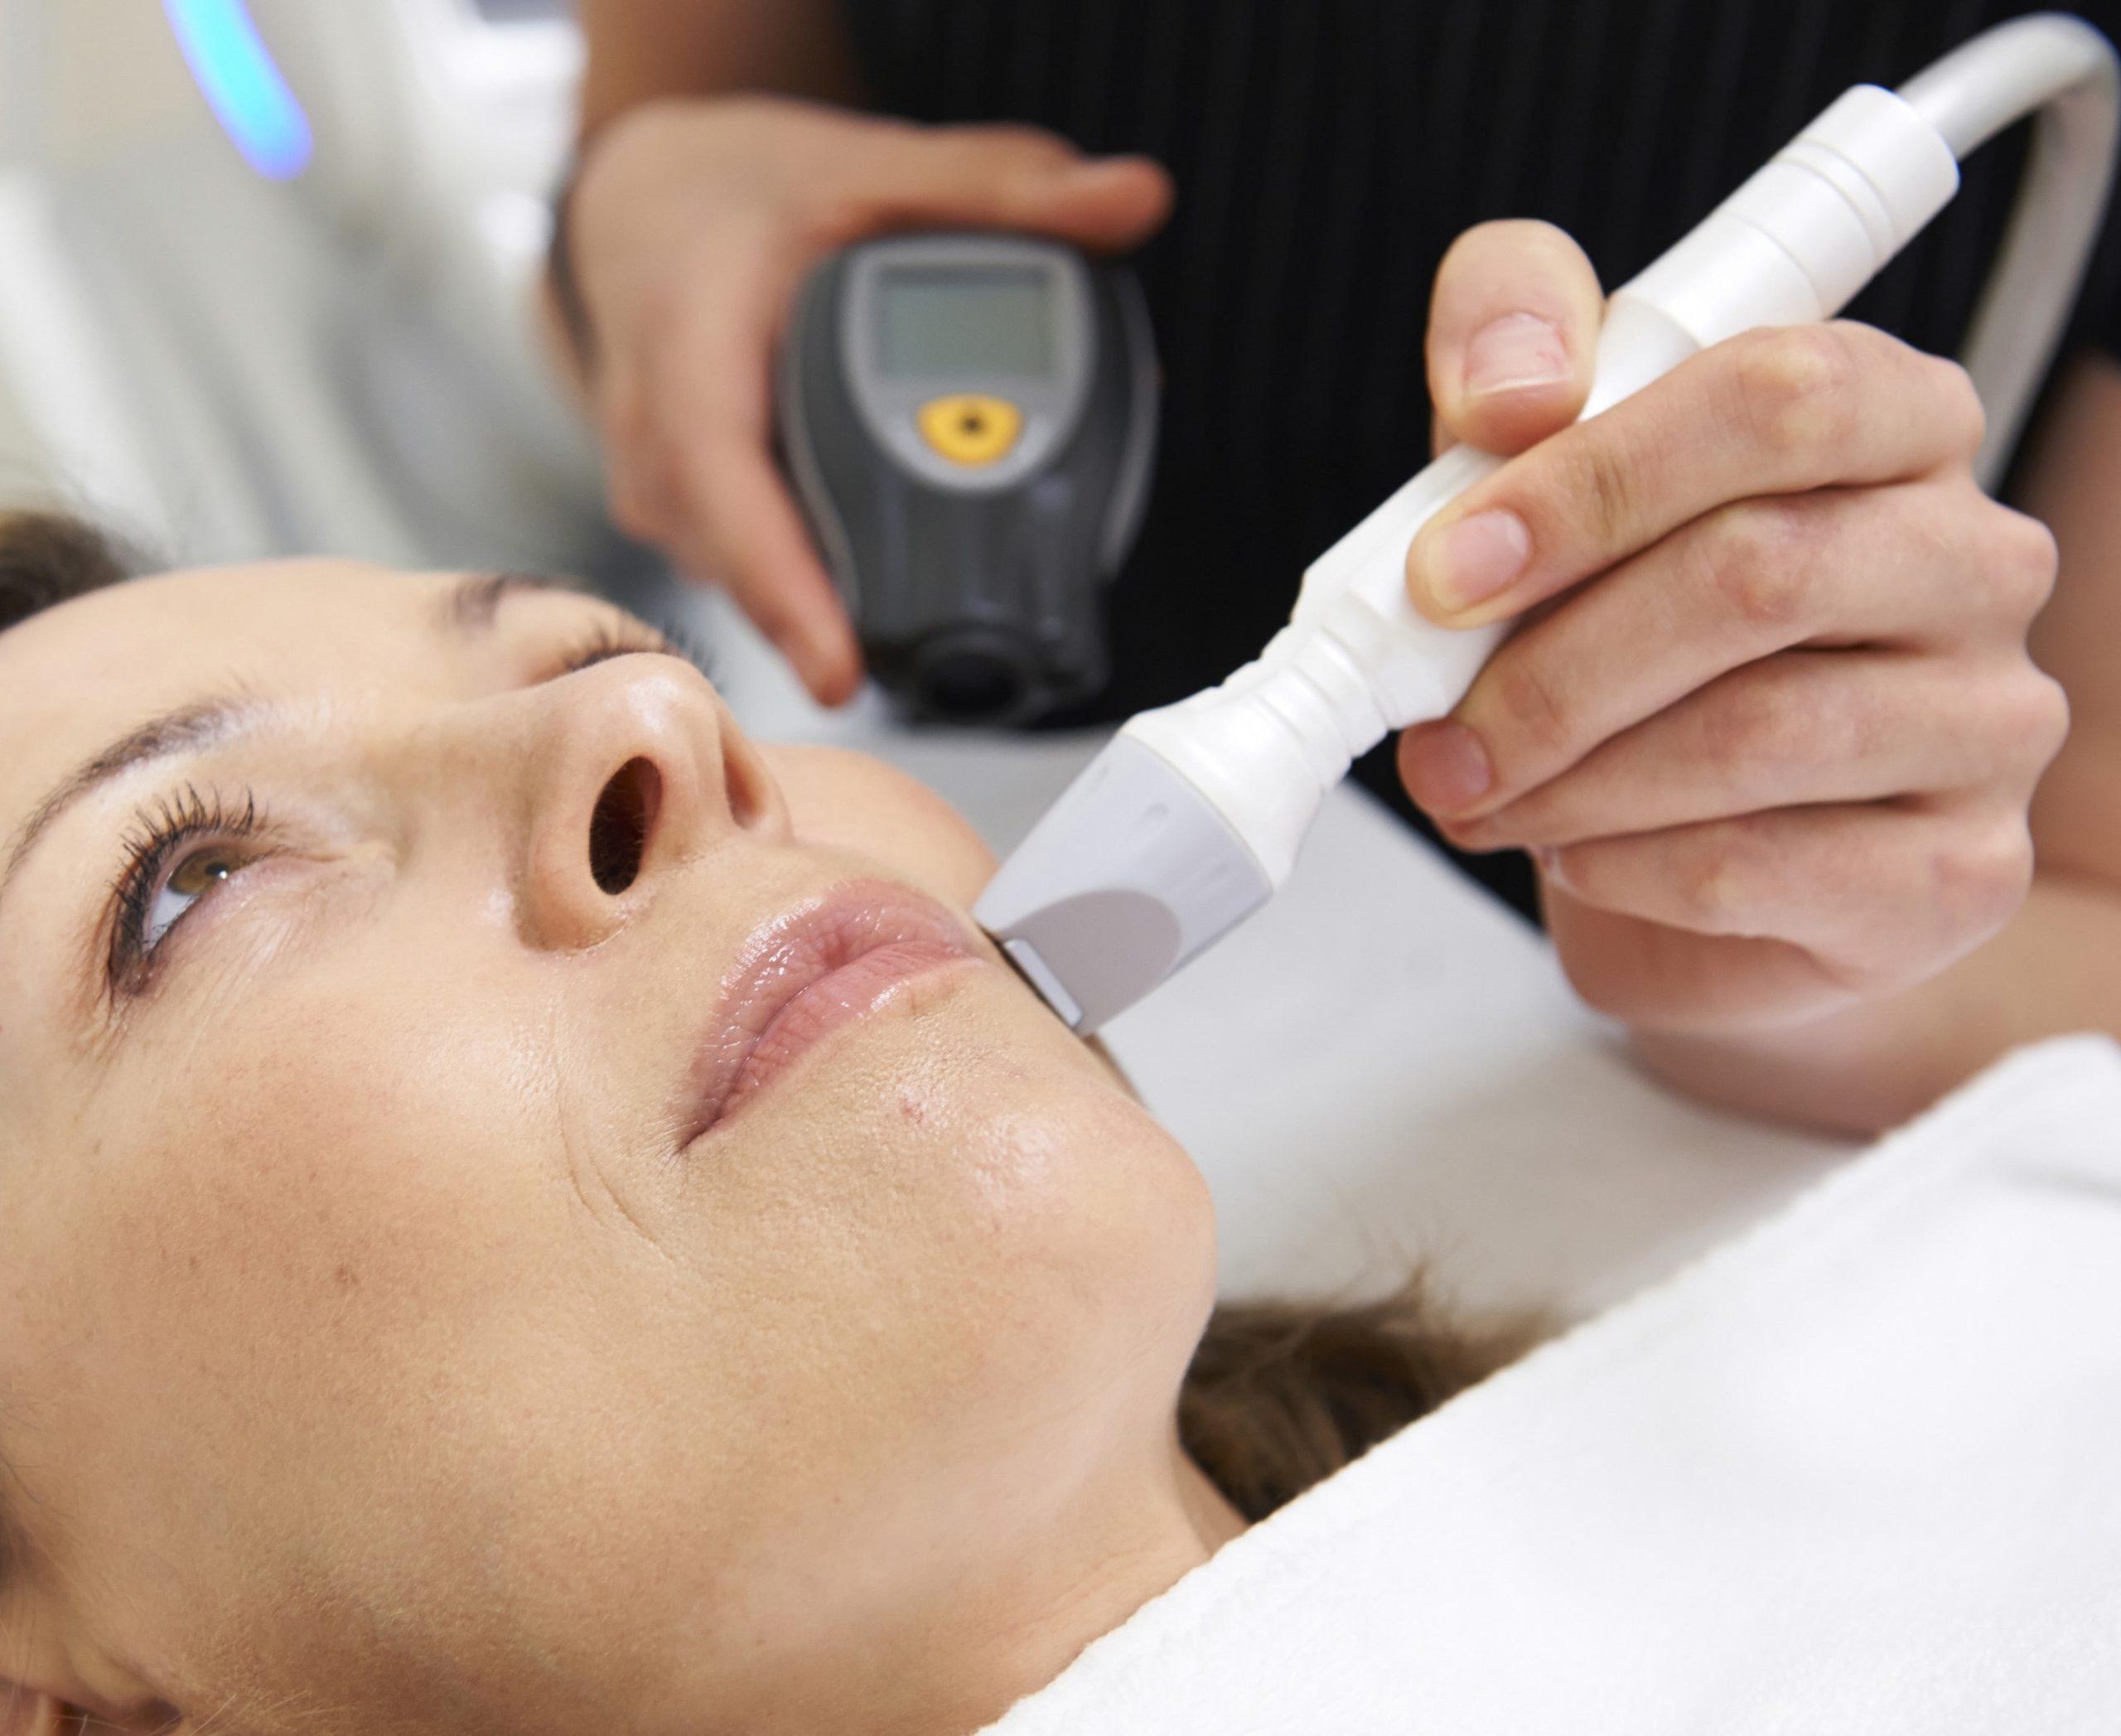 woman having ultrasound skin tightening.